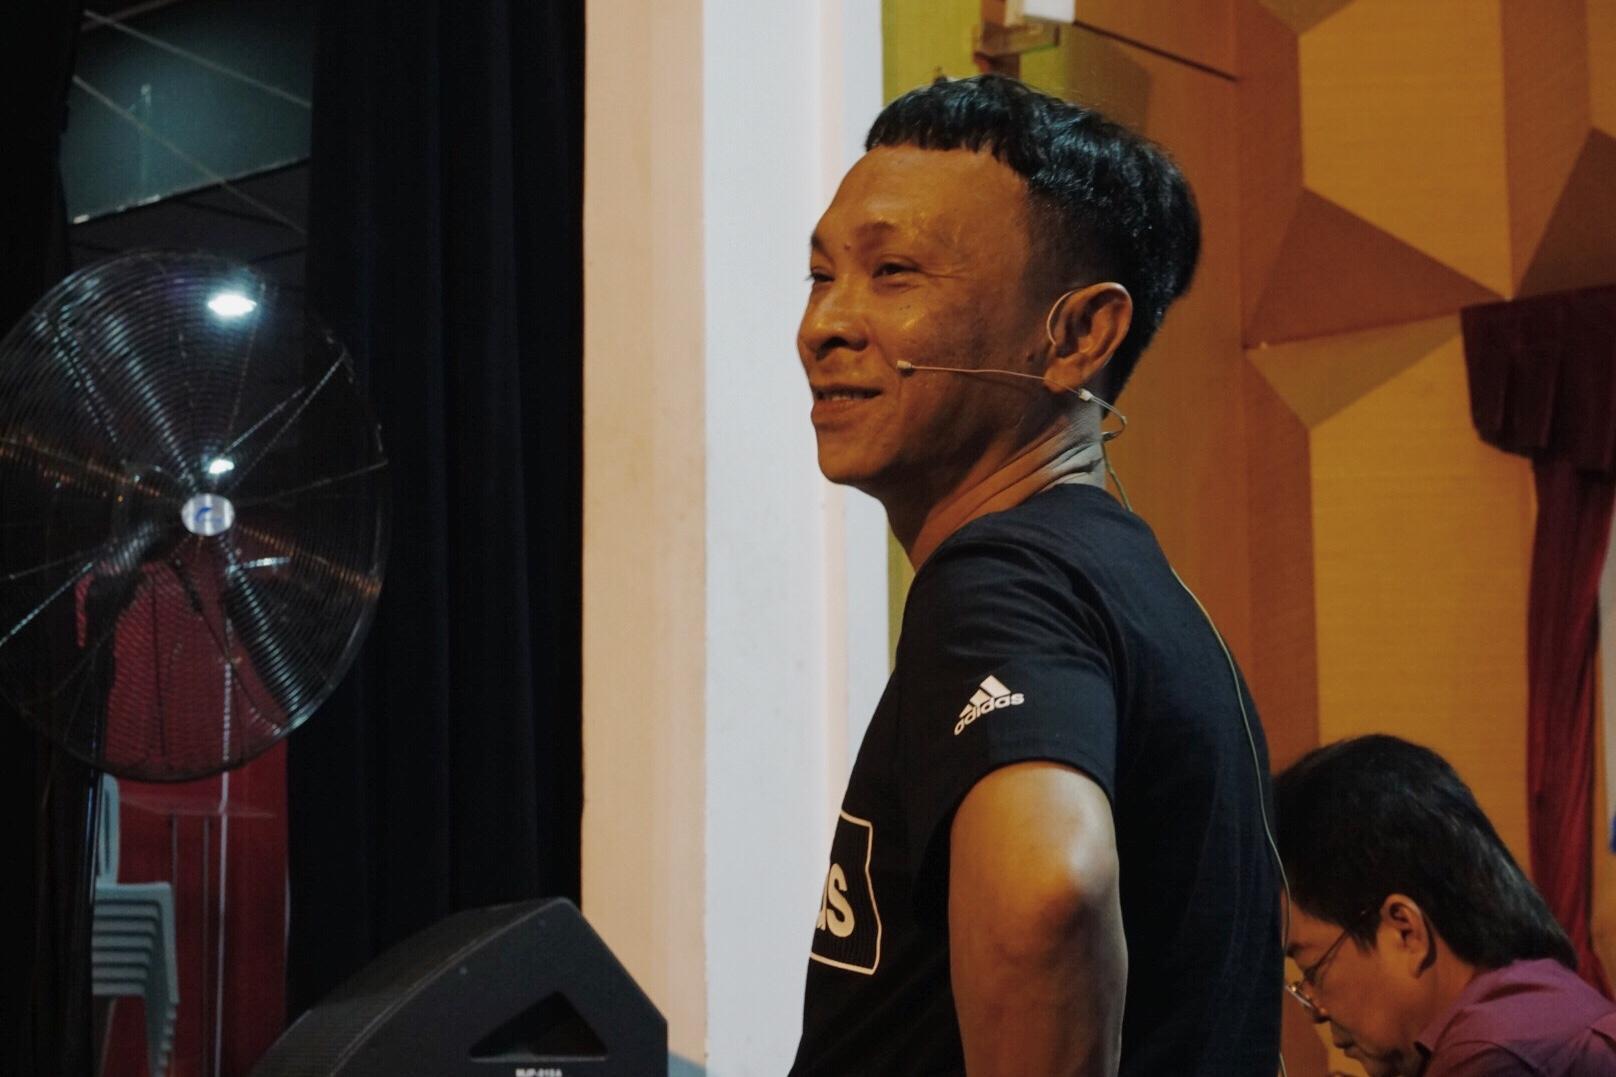 Nghệ sĩ 'đa năng' Dũng Nhí góp mặt trong vở diễn Giấc Mộng Đêm Xuân